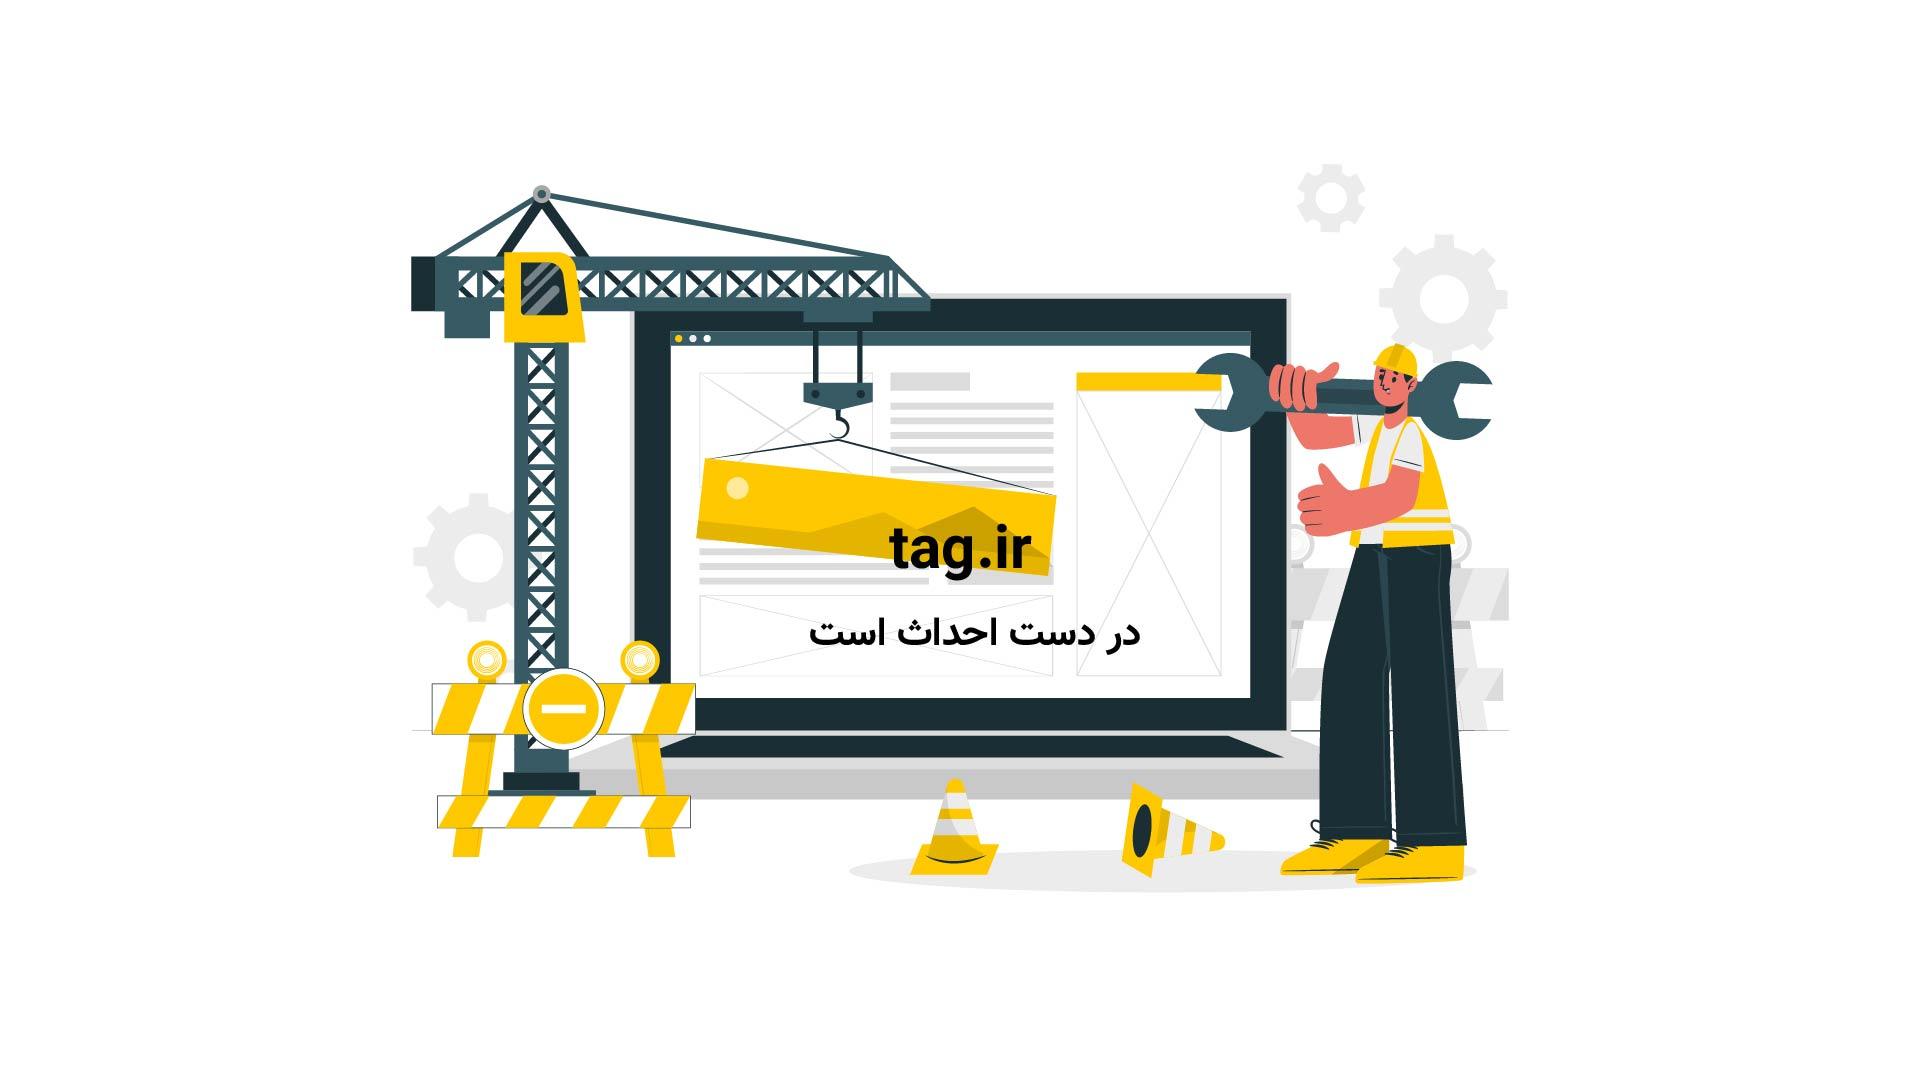 آموزش درست کردن گوی برفی با شیشه های خالی | فیلم